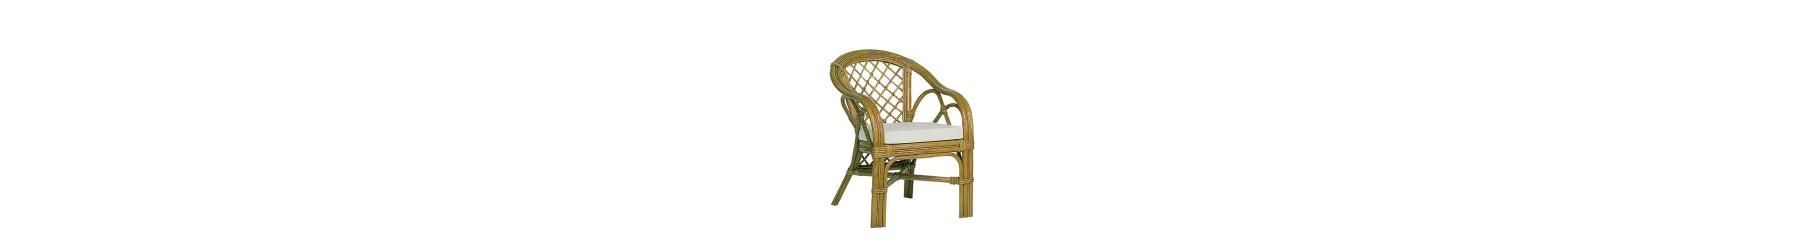 Πολυθρόνες Bamboo σε κλασικά και μοντέρνα σχέδια.